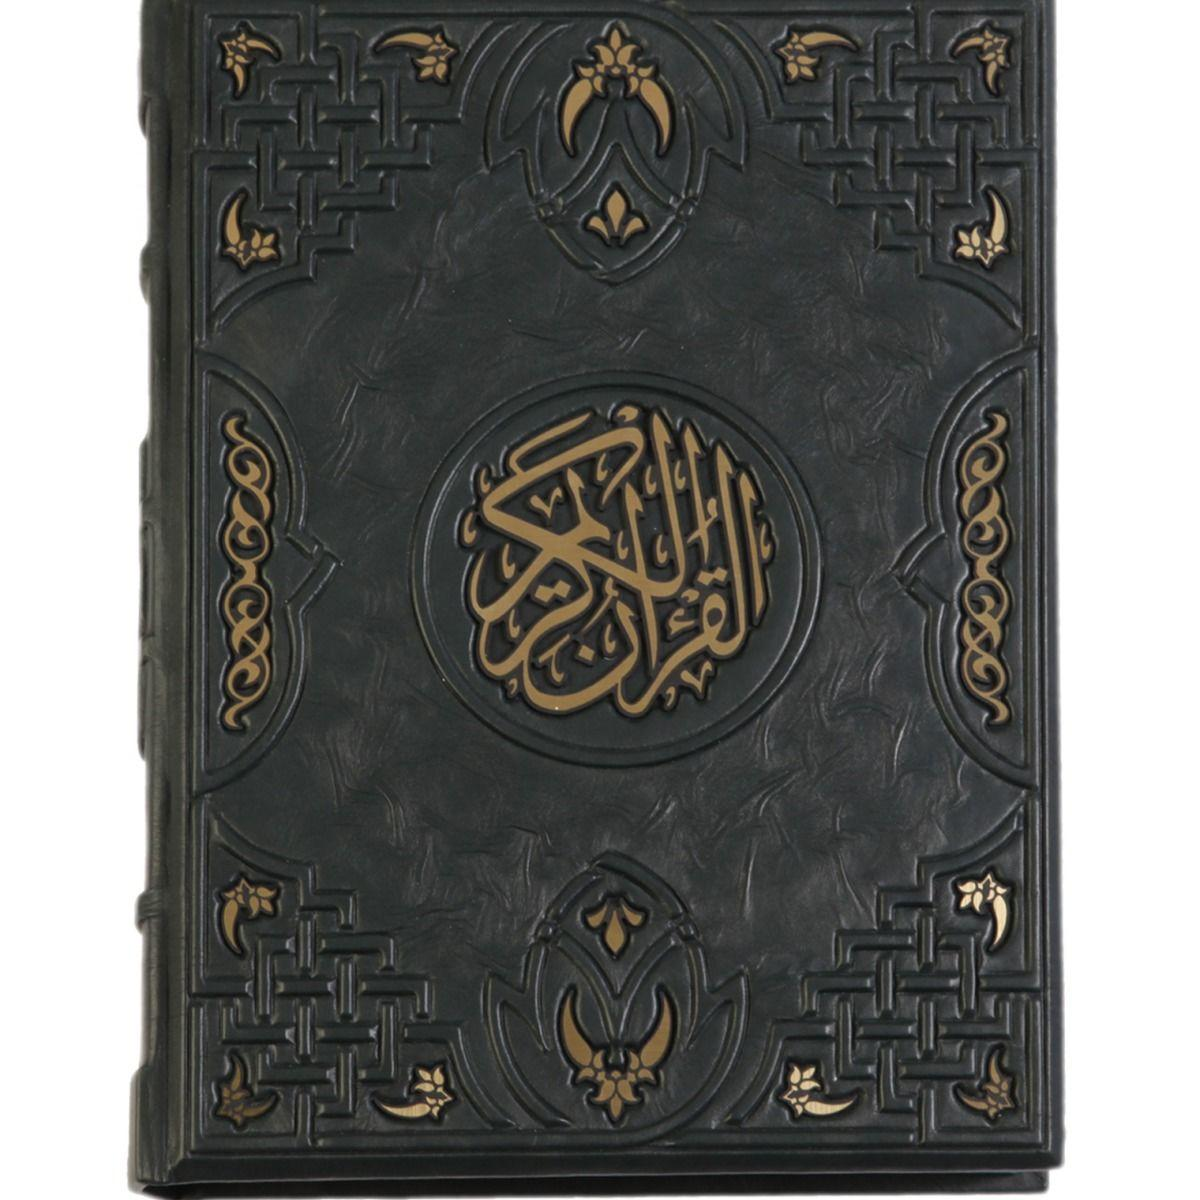 Коран большой на русском языке в переводе Османова в кожаном переплете с элементами гравировки (М1)